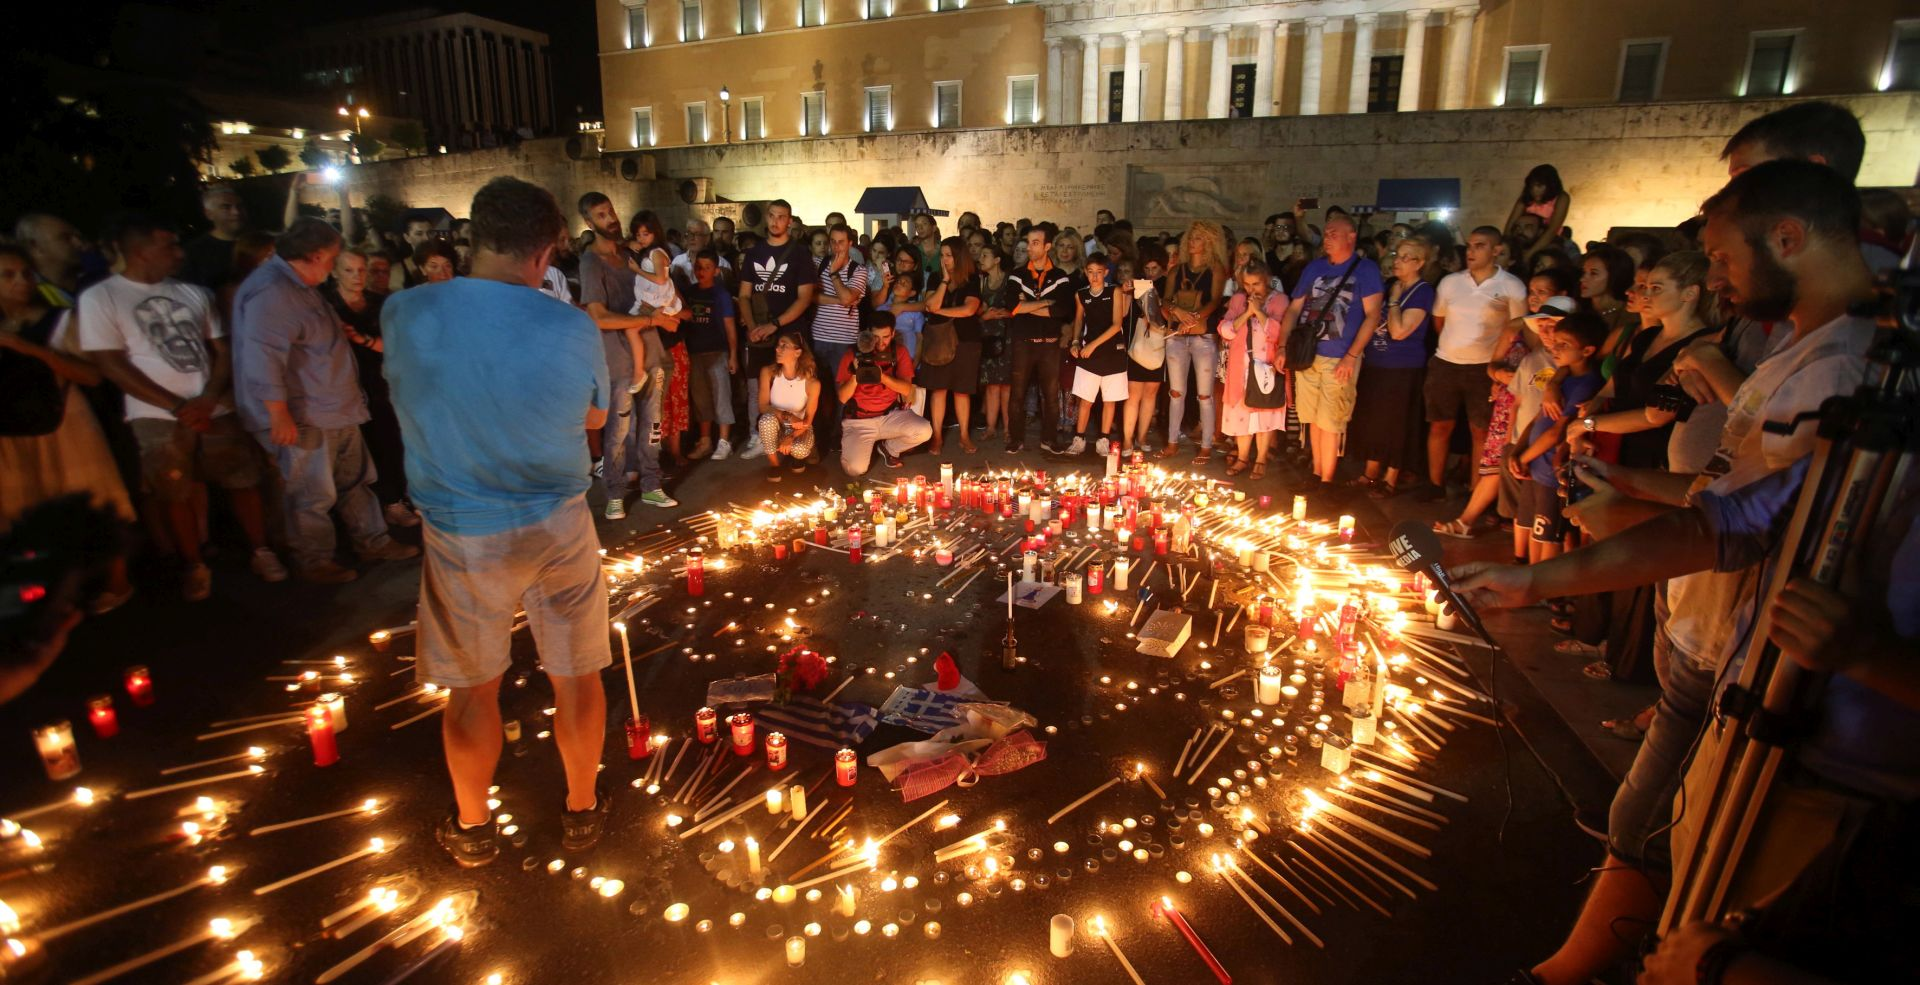 POŽARI U GRČKOJ Broj žrtava popeo se na 93